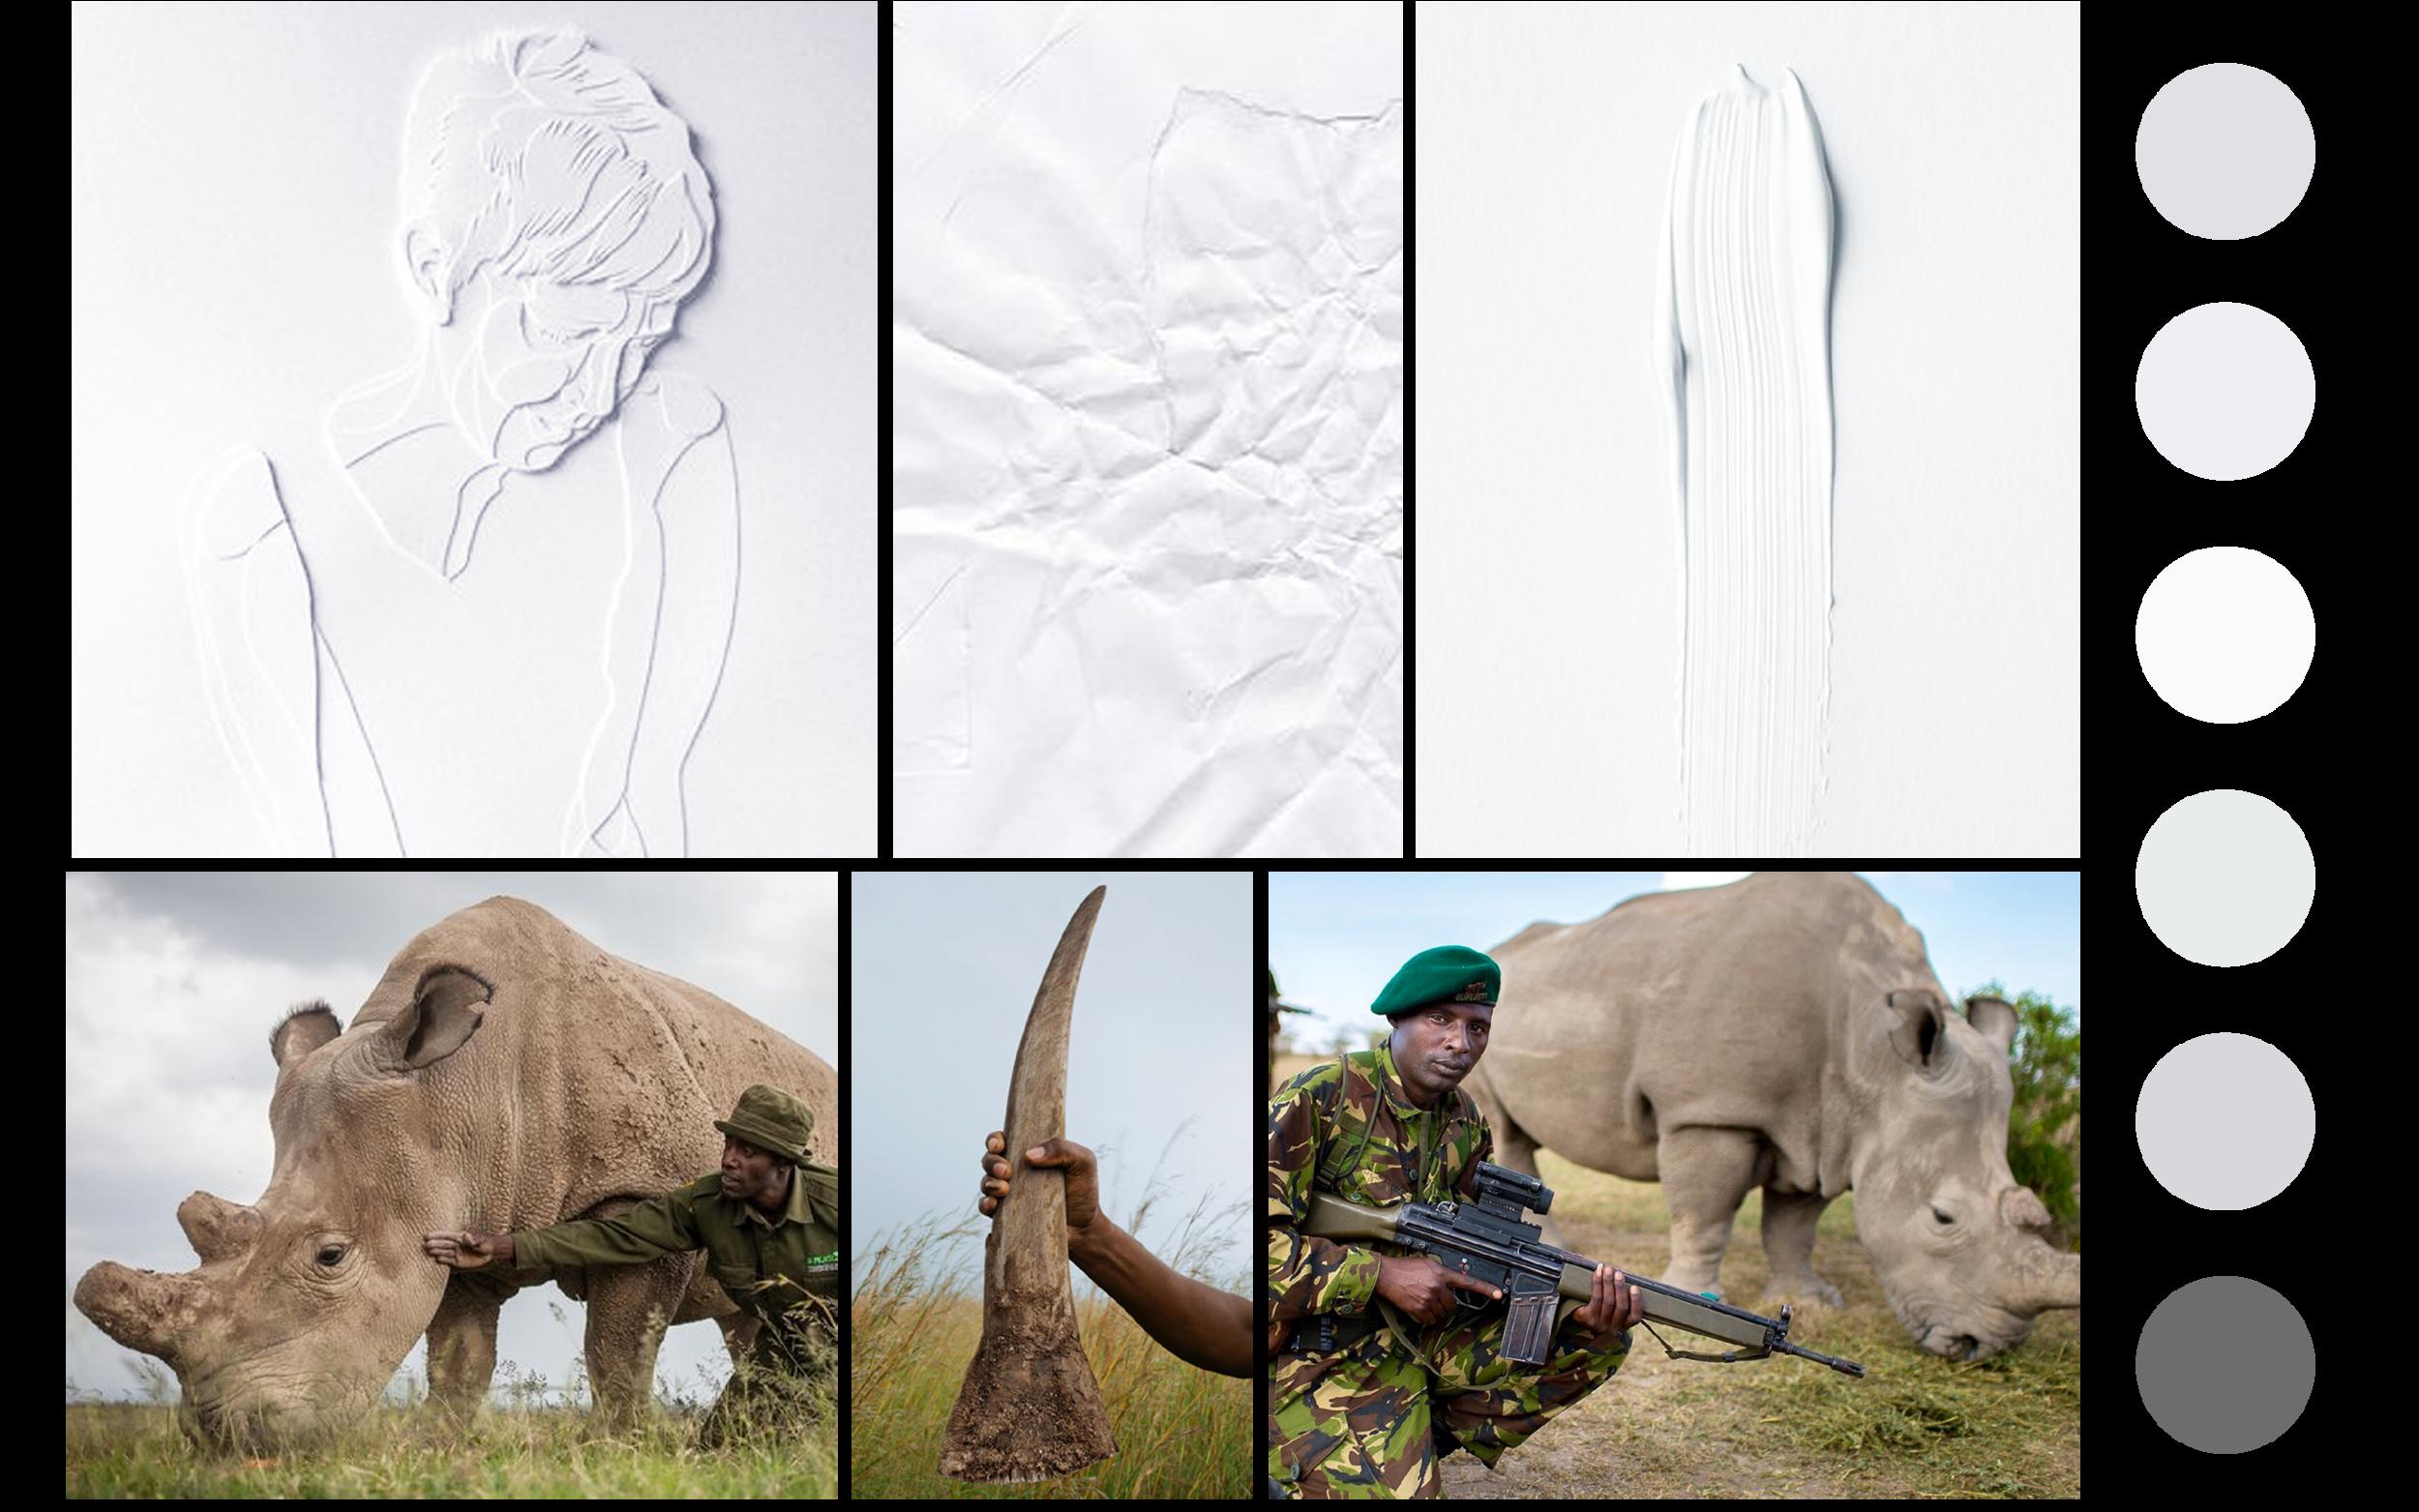 Rhino 1280 x 8002.png